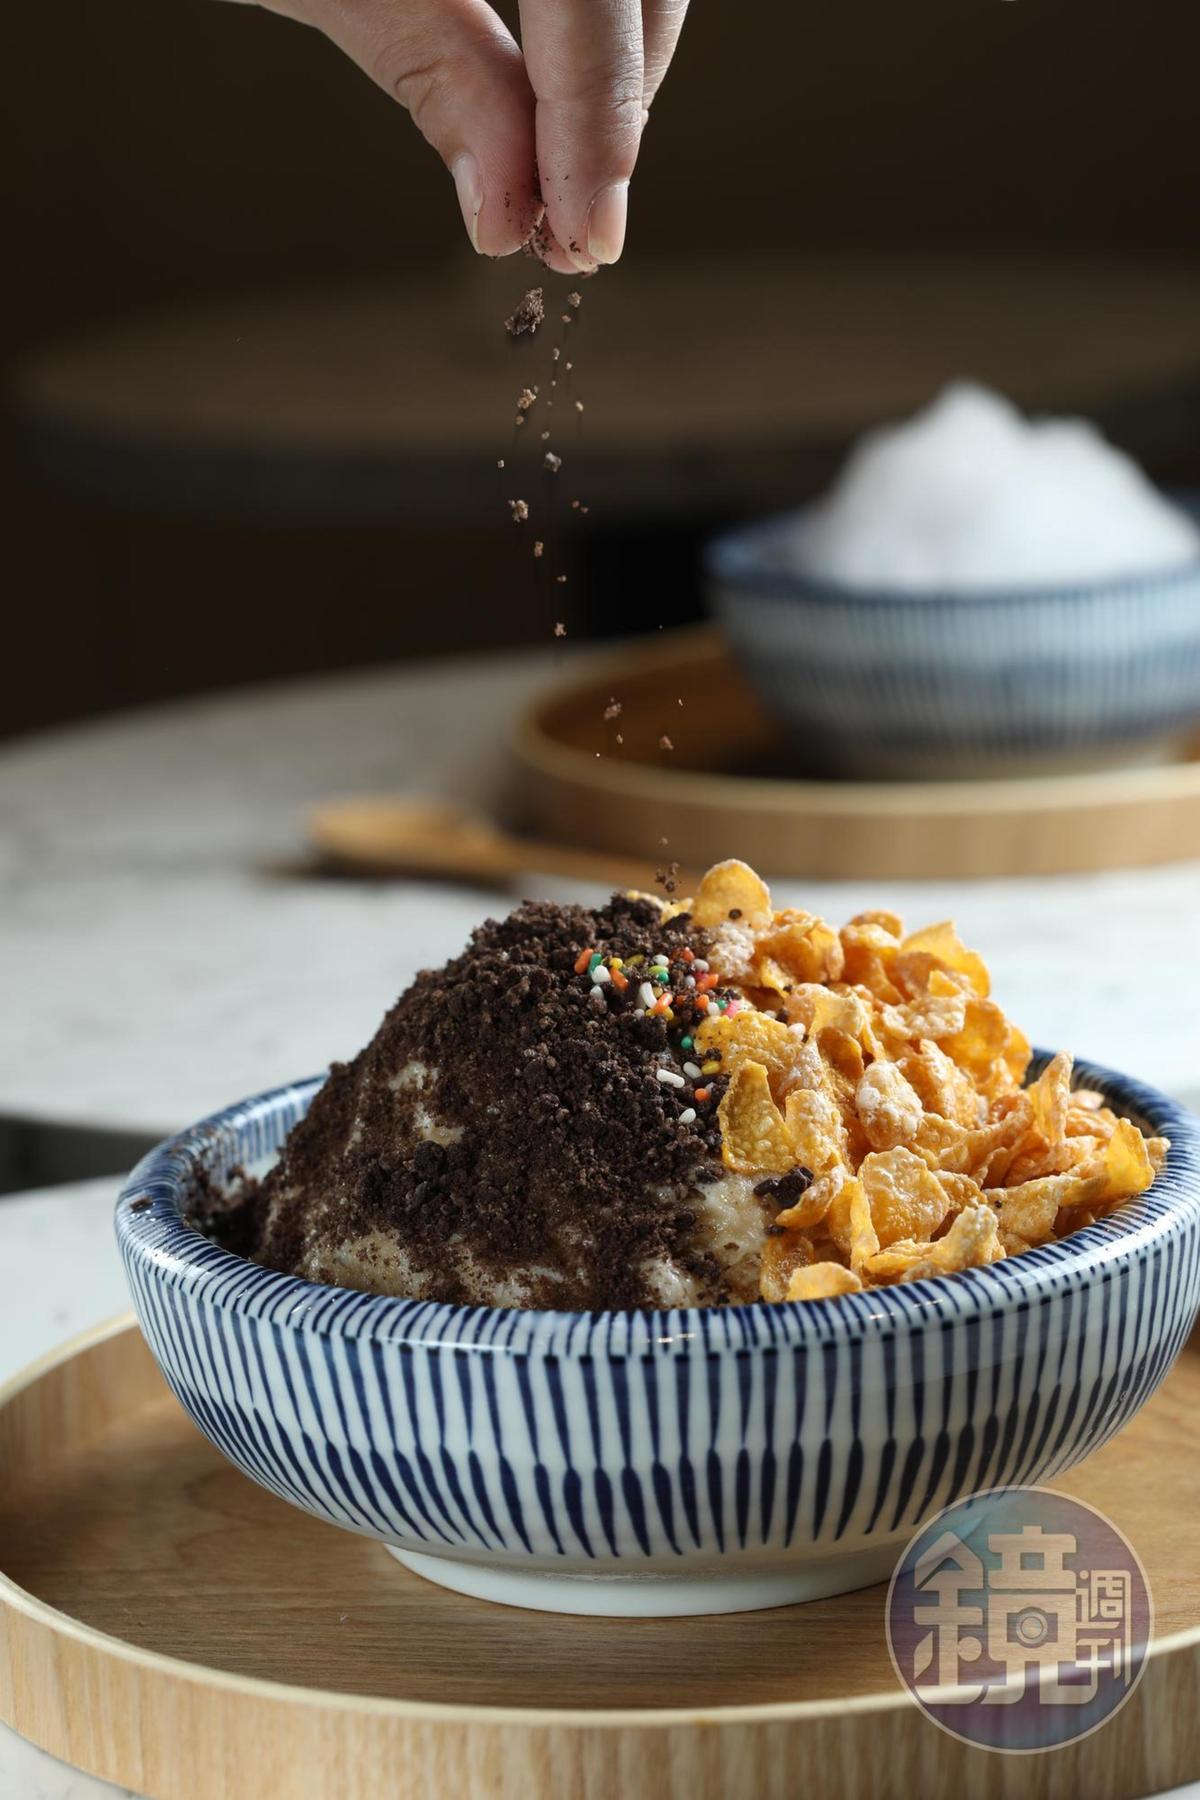 「OREO黑糖雪花冰」的玉米片和OREO餅乾碎,意外與台味黑糖頗合拍。(95元/碗)